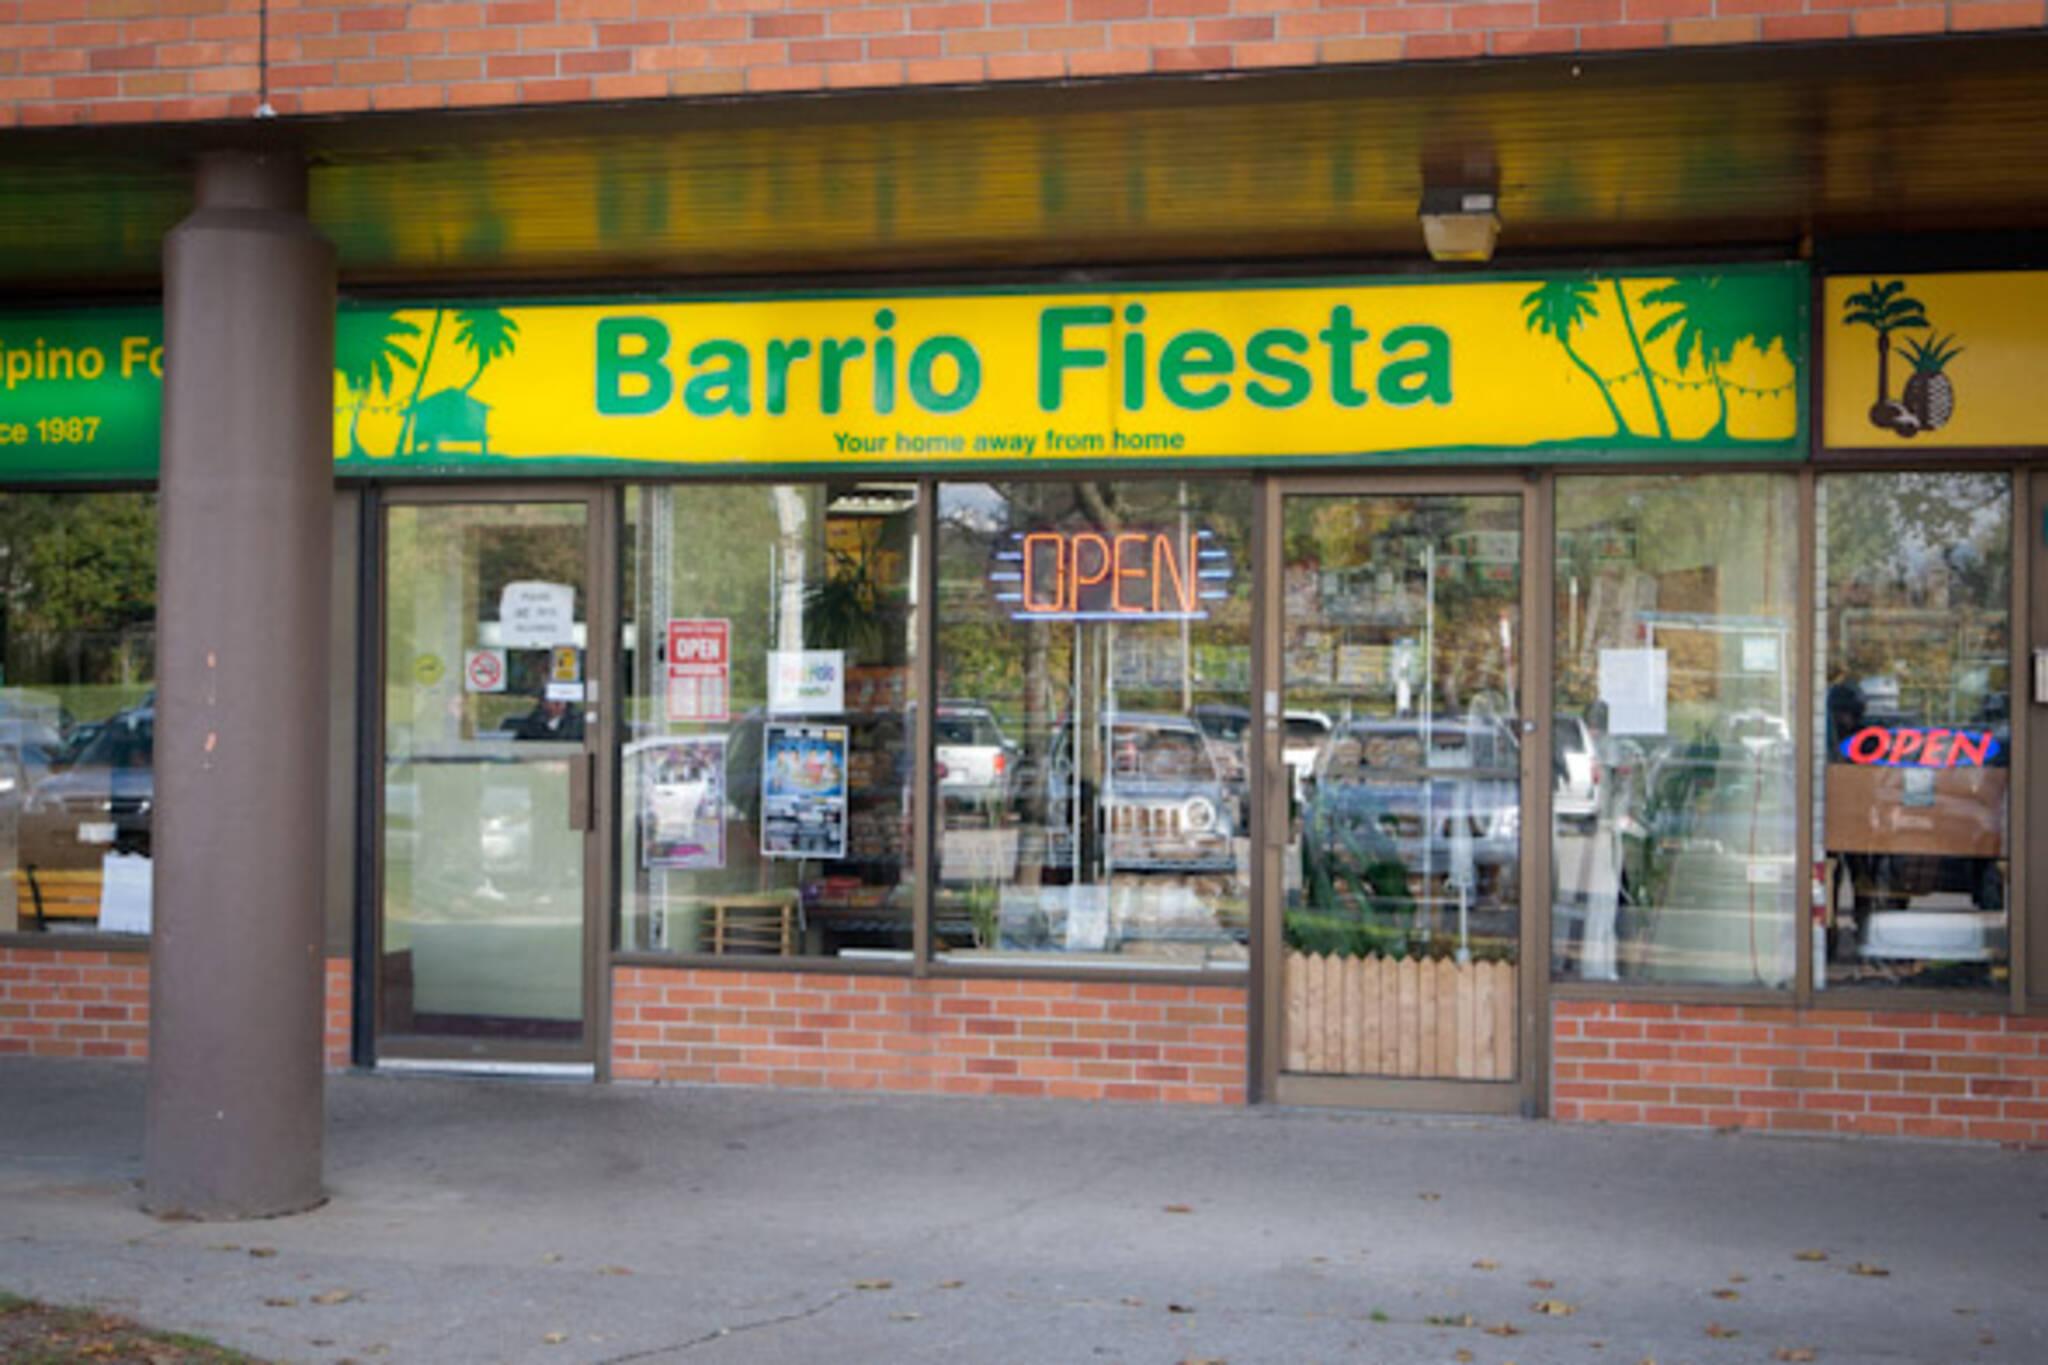 Barrio Fiesta Toronto